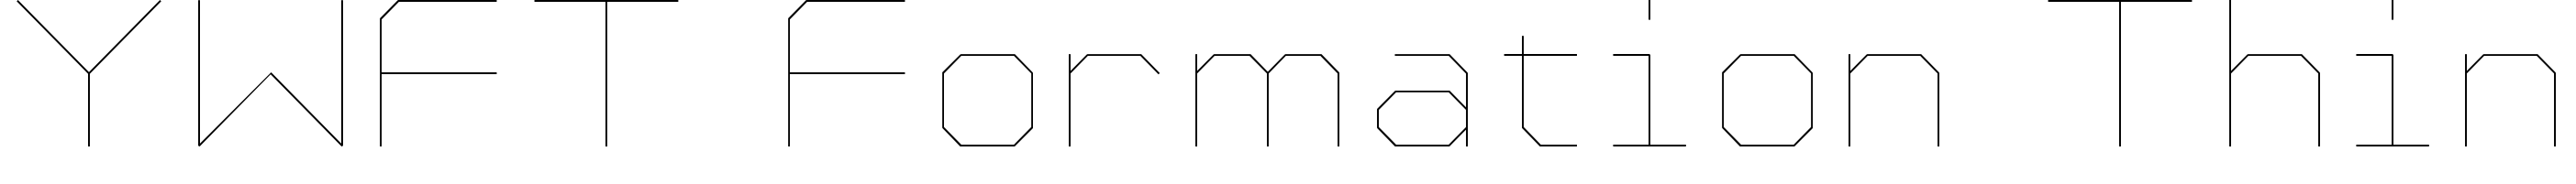 YWFT Formation Thin